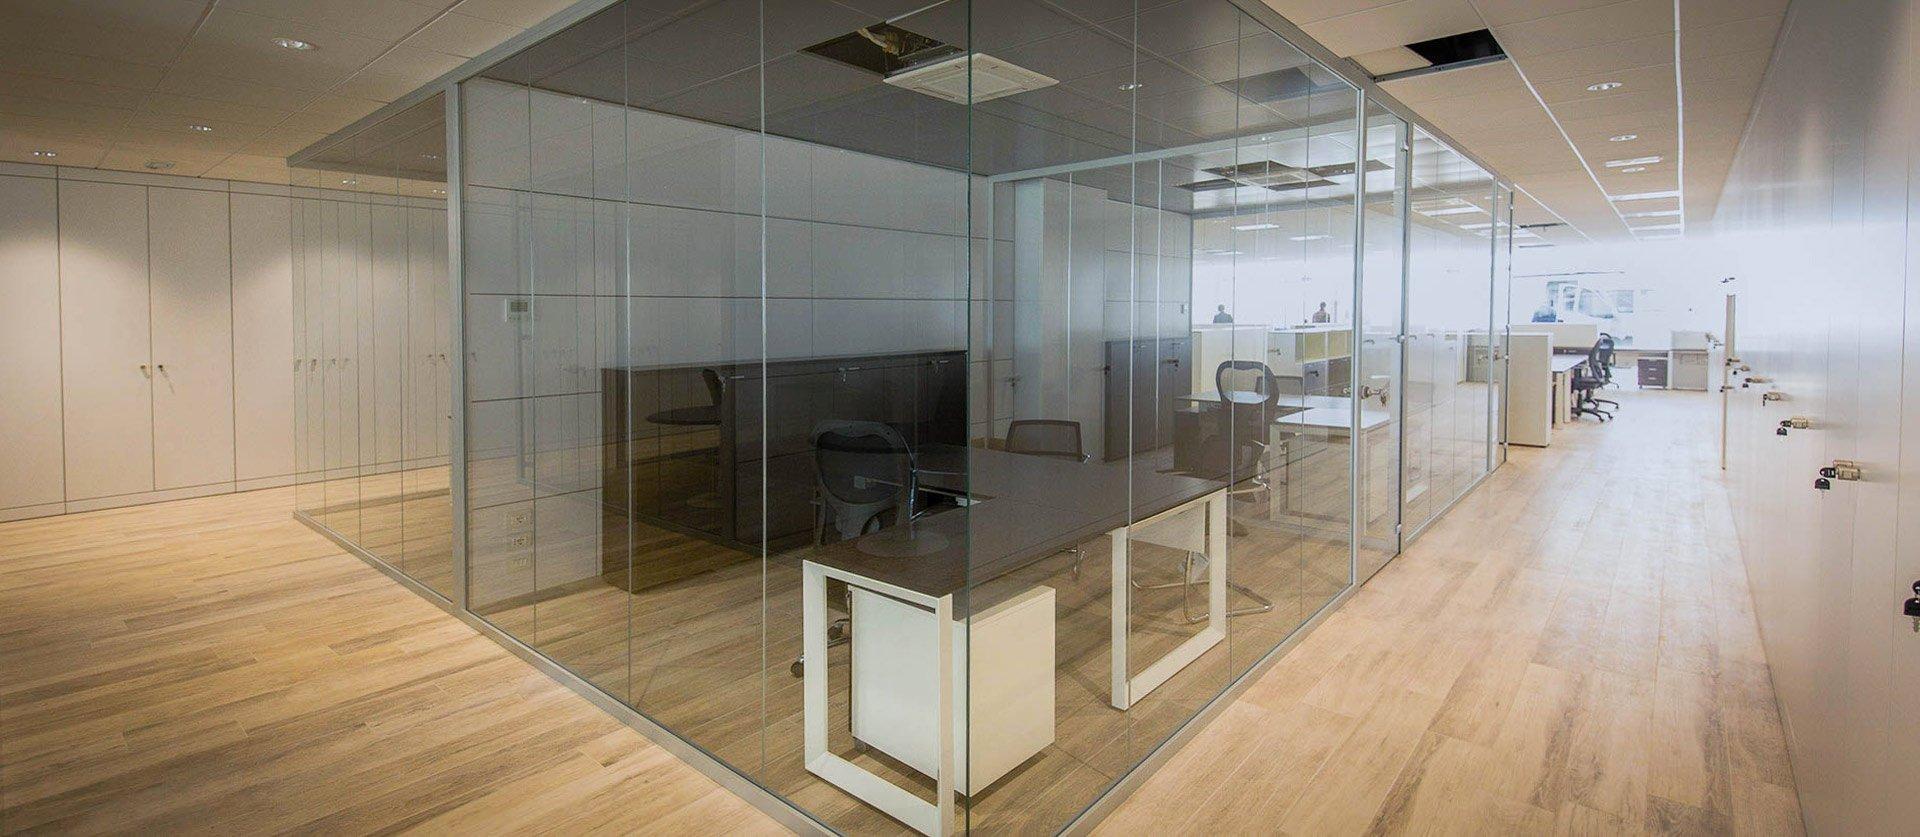 Mobili ufficio verona cool arredamento ufficio doimo for Produzione mobili ufficio